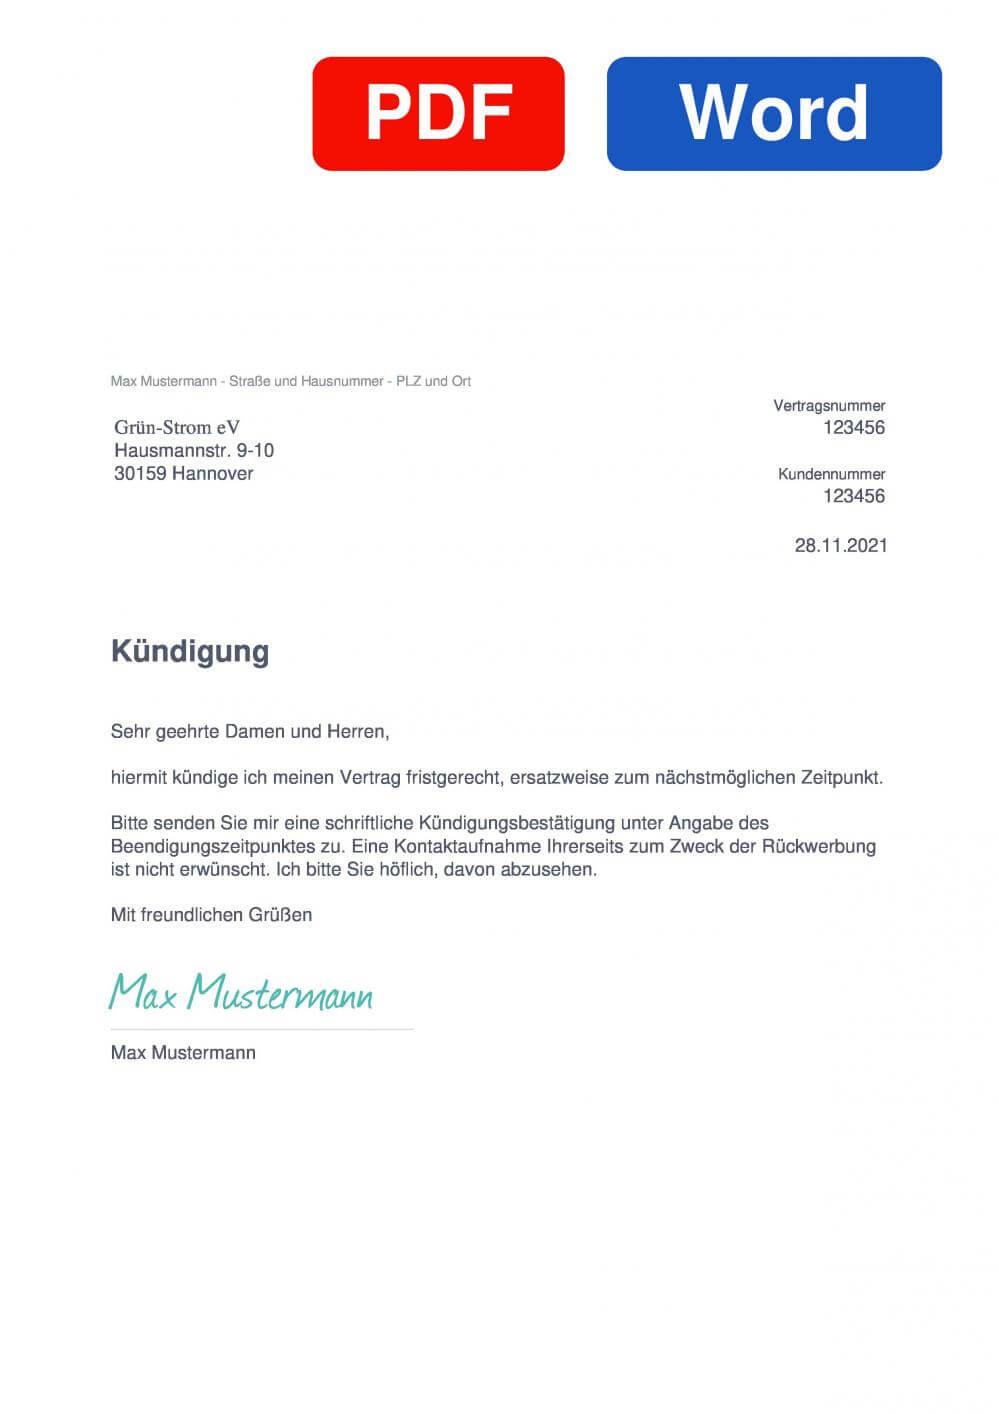 Grünstrom Muster Vorlage für Kündigungsschreiben